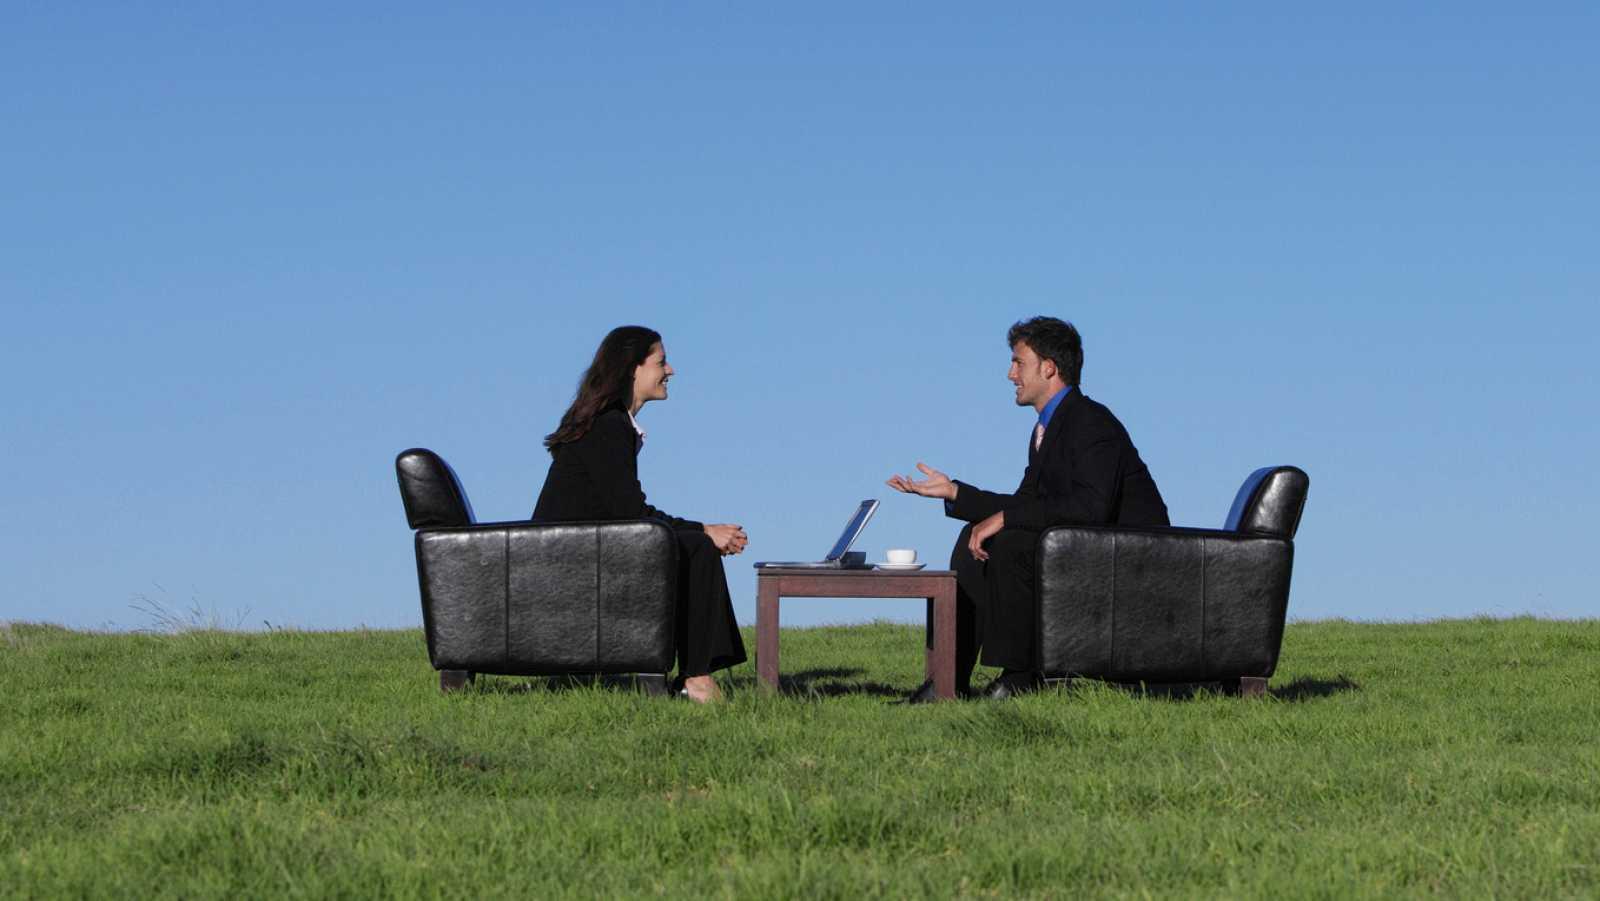 Cooperación es desarrollo - Empresa y desarrollo - 26/08/18 - Escuchar ahora